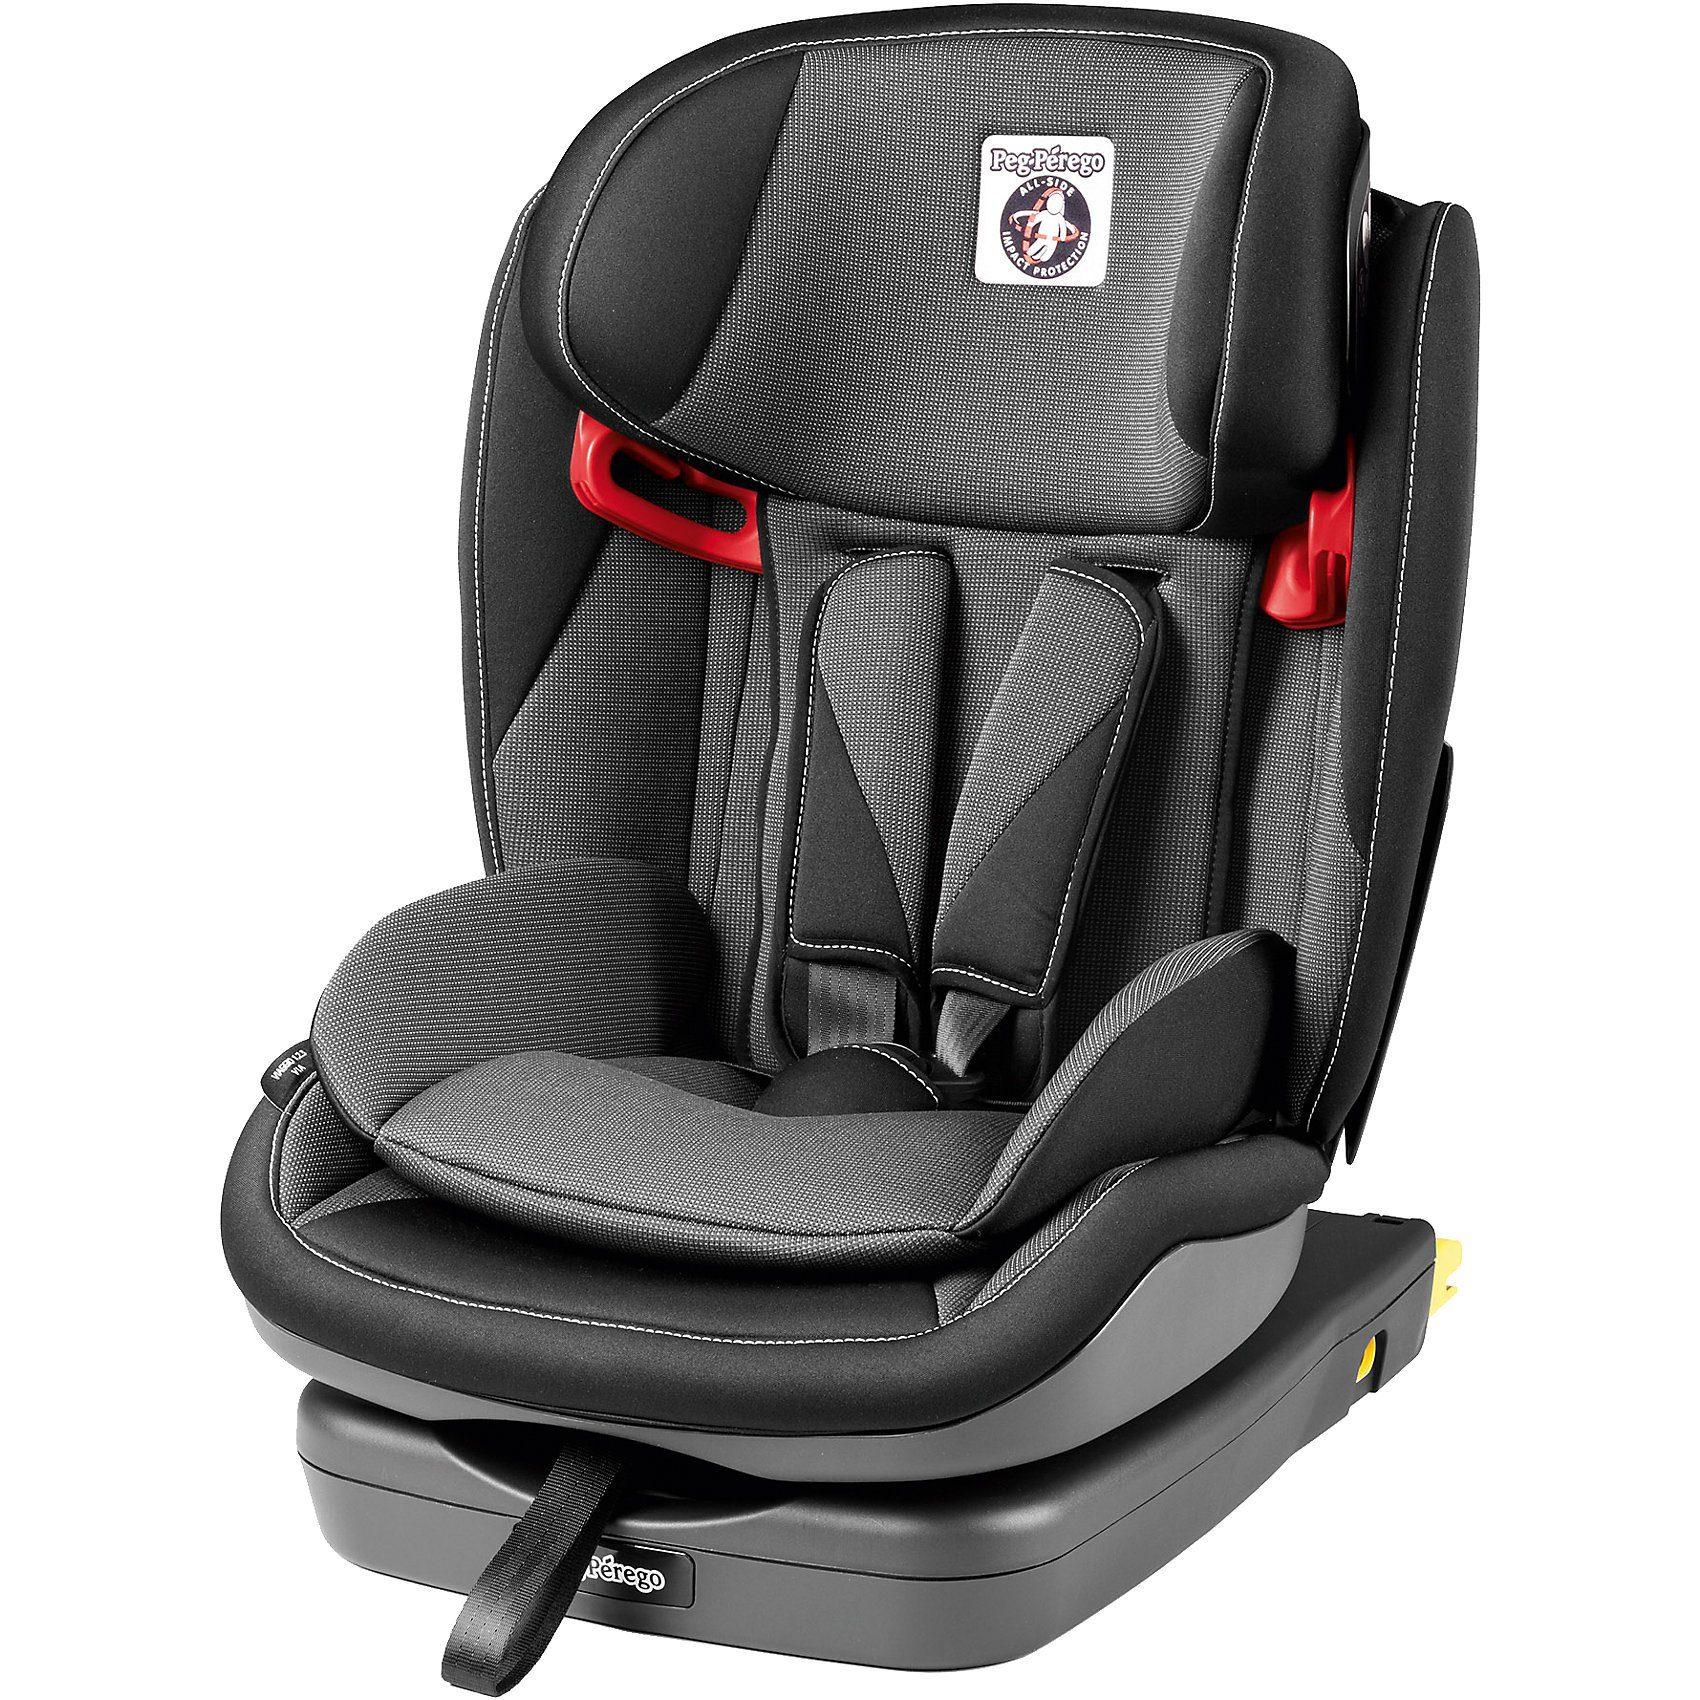 Peg Perego Auto-Kindersitz Viaggio 1-2-3 Via, Crystal Black, 2018